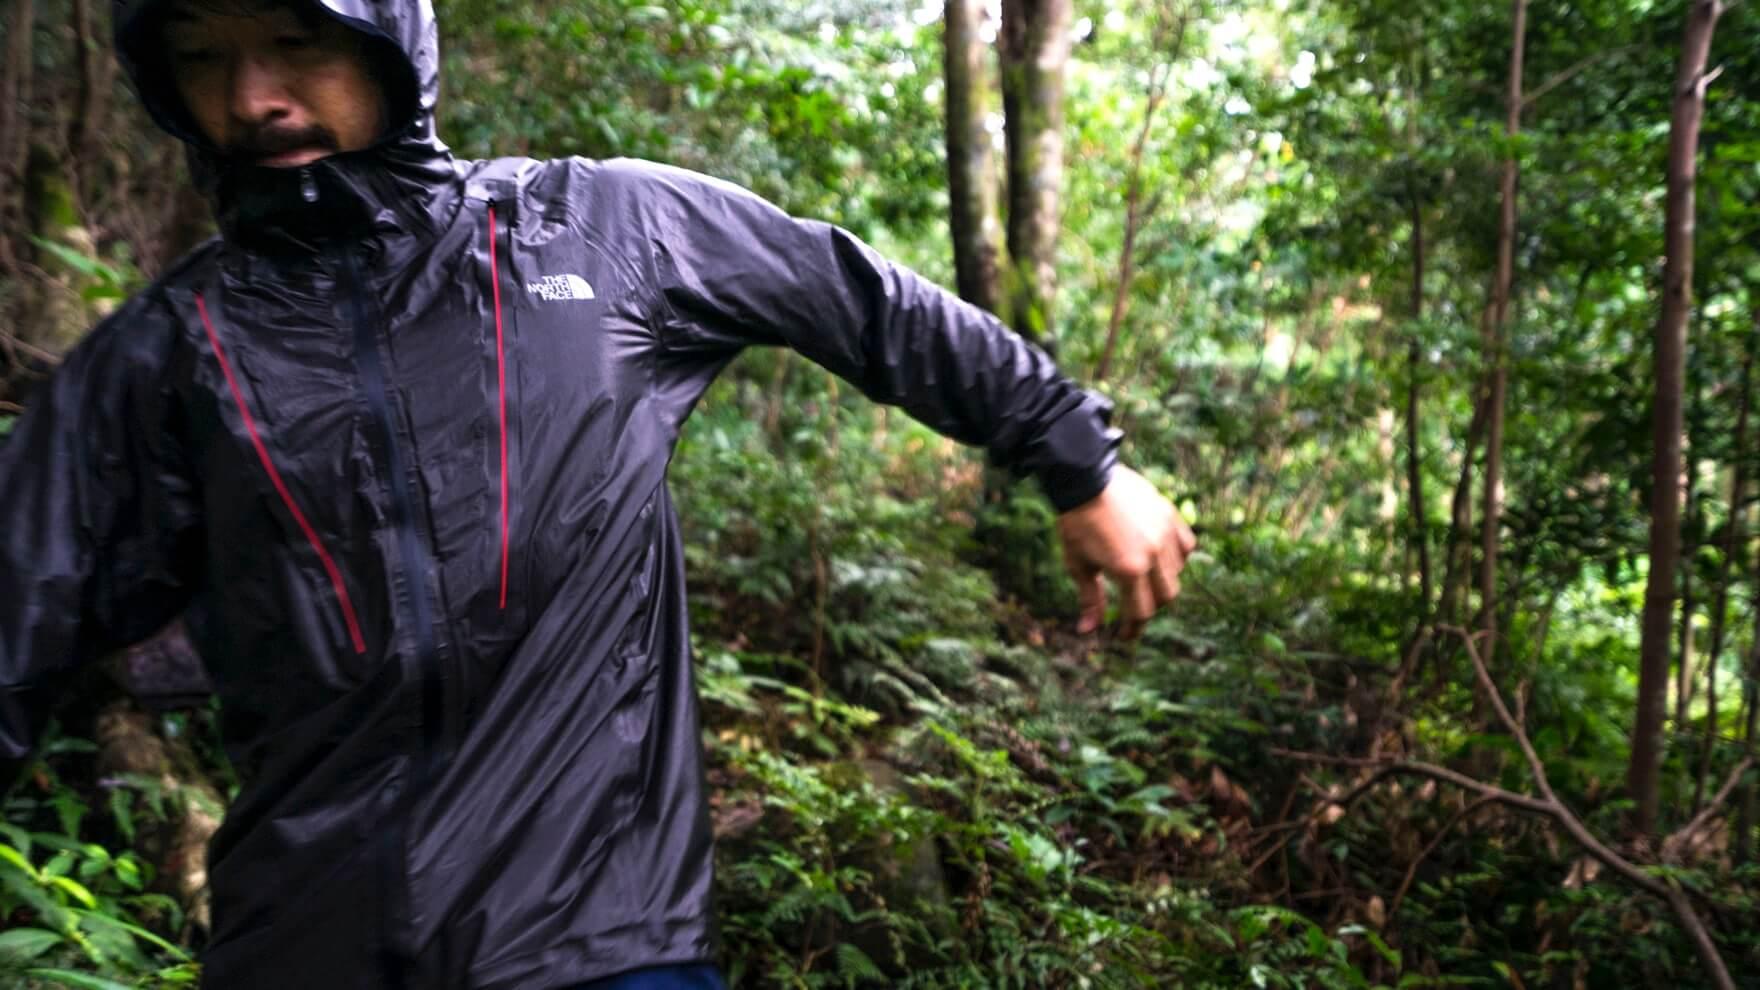 Review:The North Face ハイパーエアーGTXフーディ ガチなランナーにこそ着て欲しい、どこまでも雨を弾き続ける超高性能レインジャケット